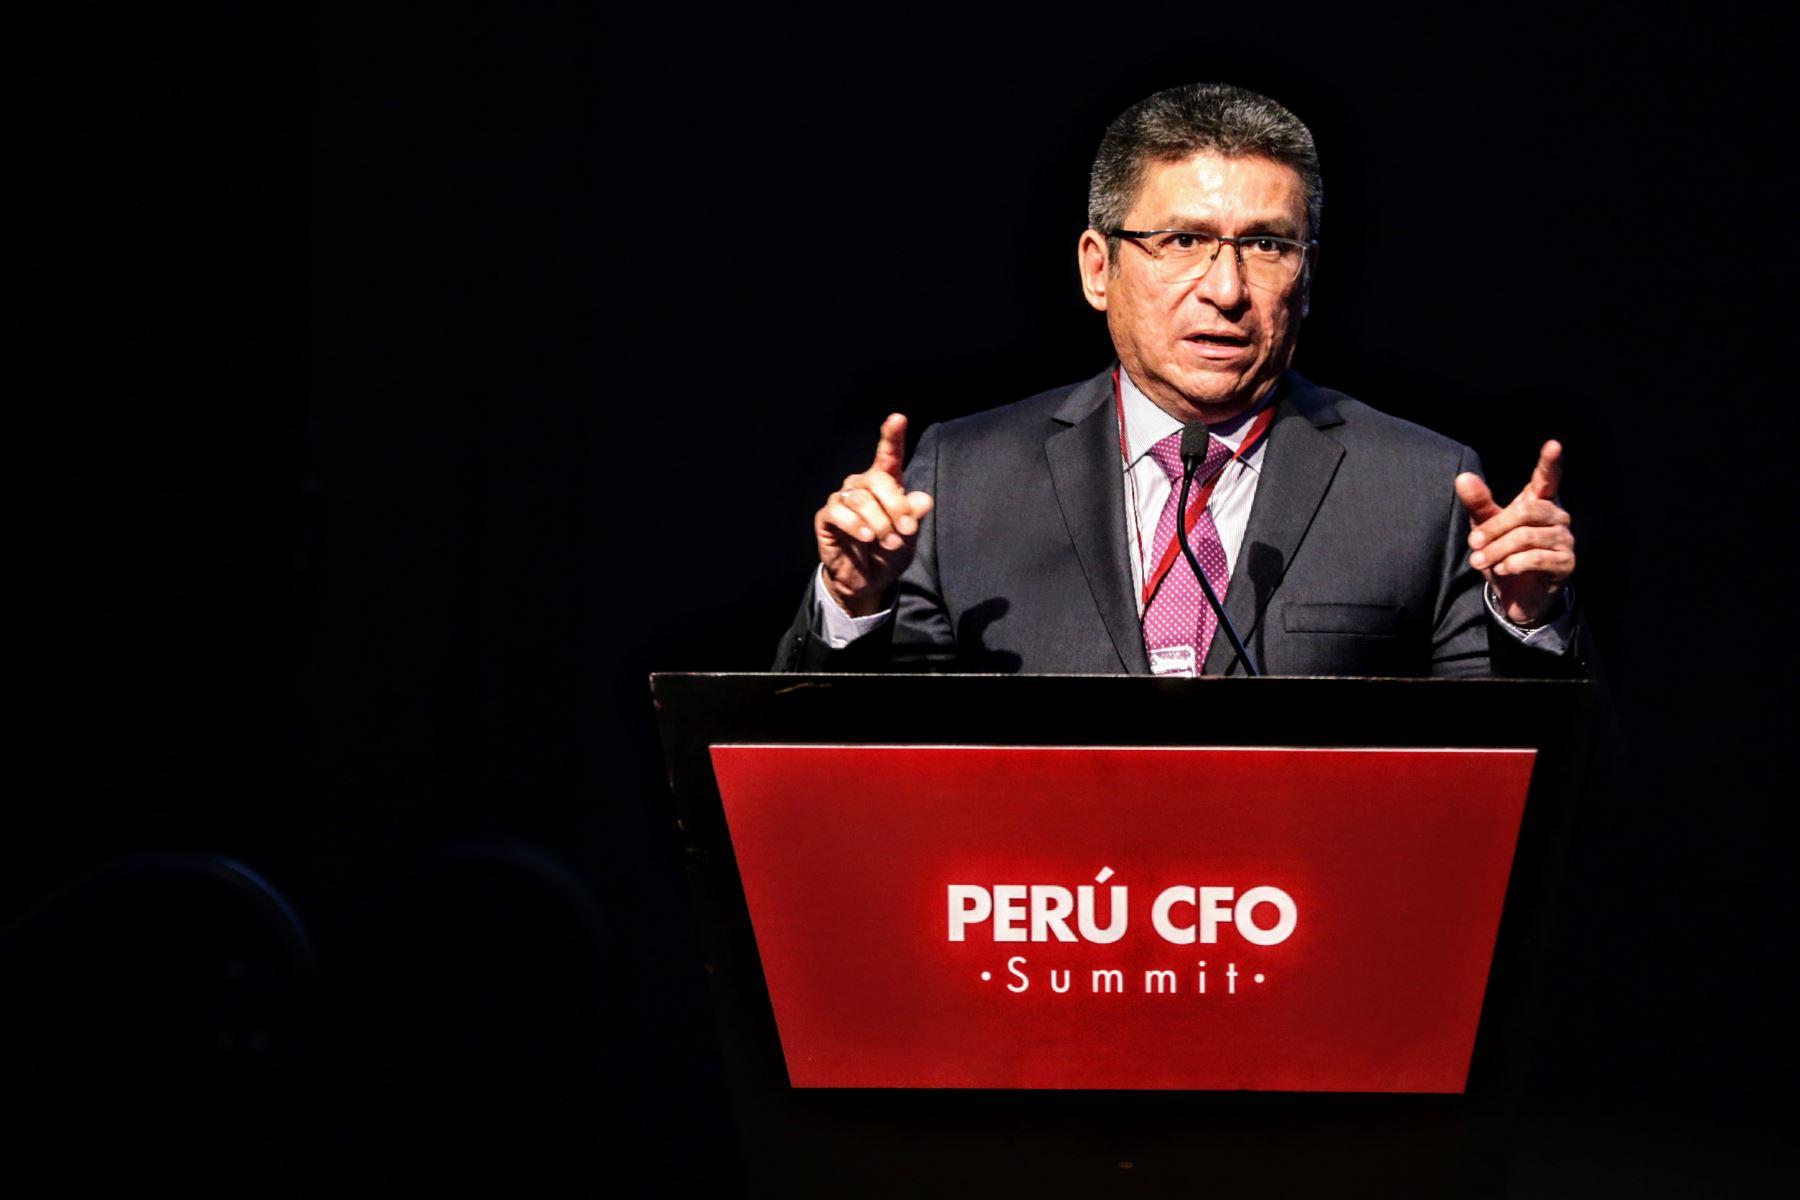 Viceministro de Economía, Hugo Perea. ANDINA/Luis Iparraguirre